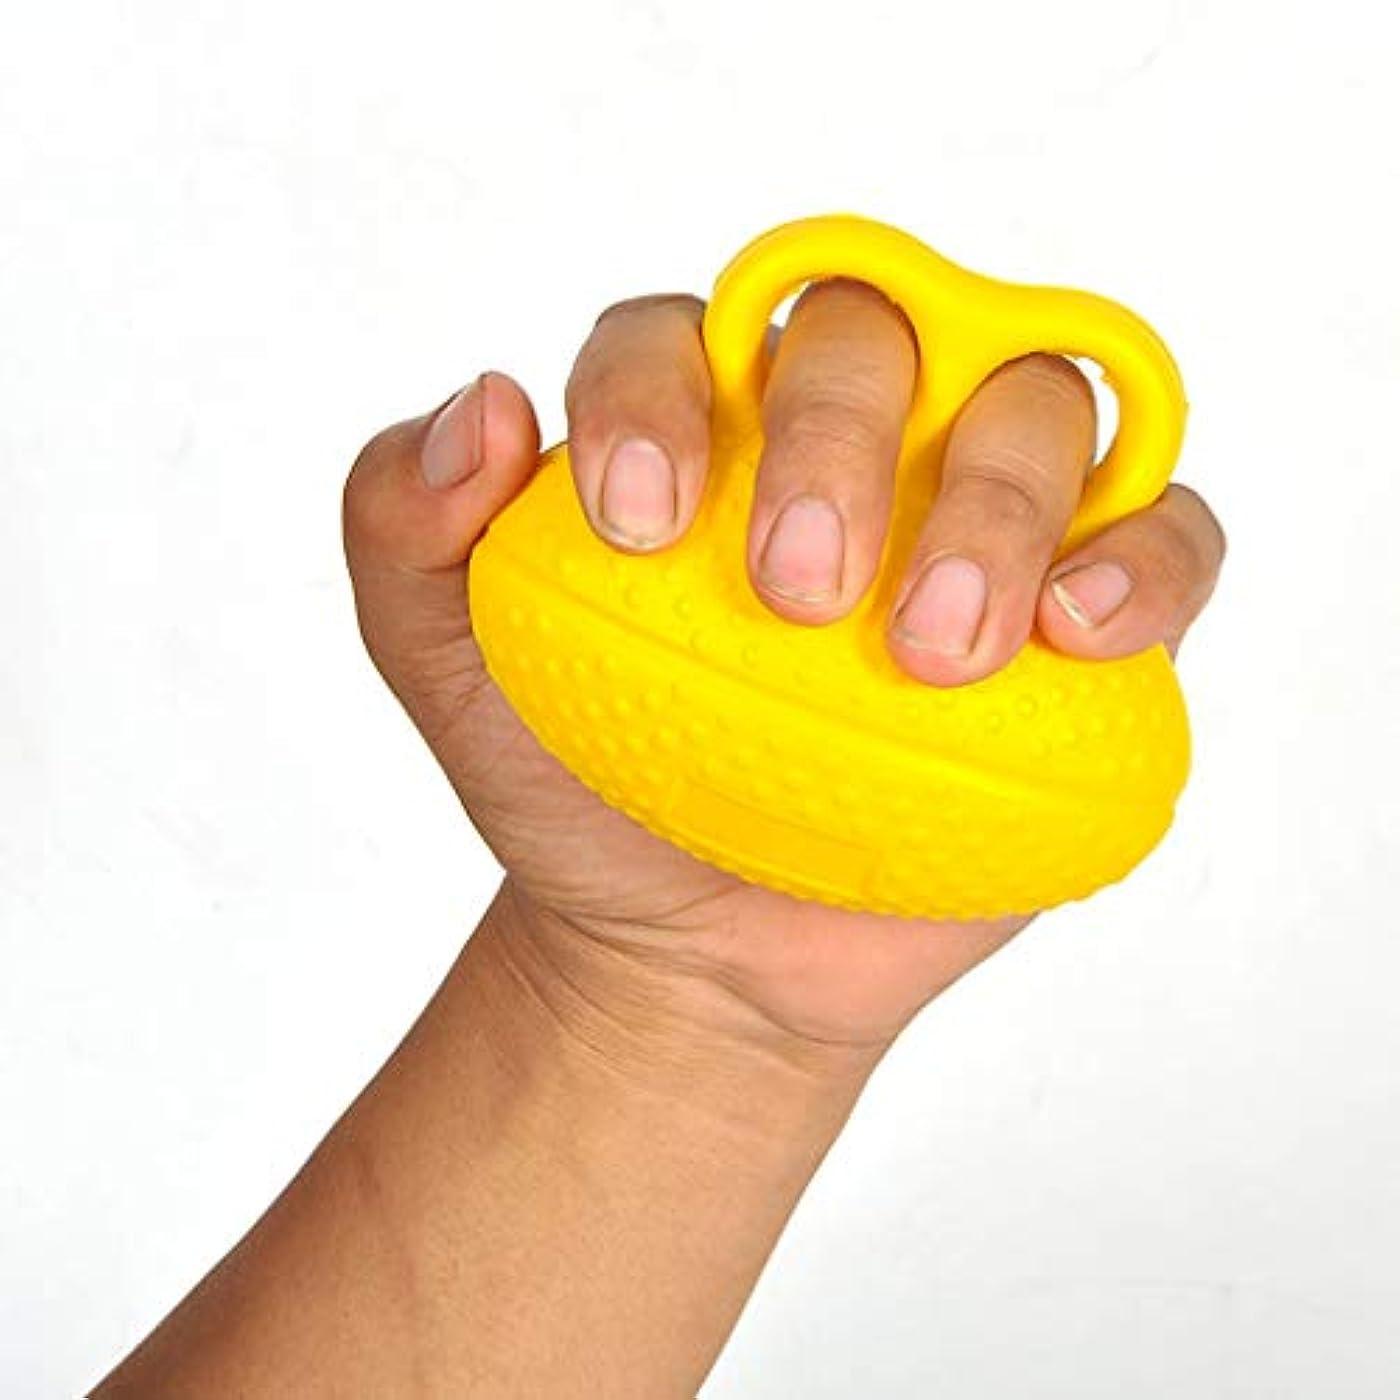 ほこりっぽいチャートハンバーガーダブル指の卵形の脳卒中患者のためのフィンガーグリップ機器、手スクワット、手首に巻かれた患者のためのフィンガーグリップボール大人のリハビリテーション2本指グリップ